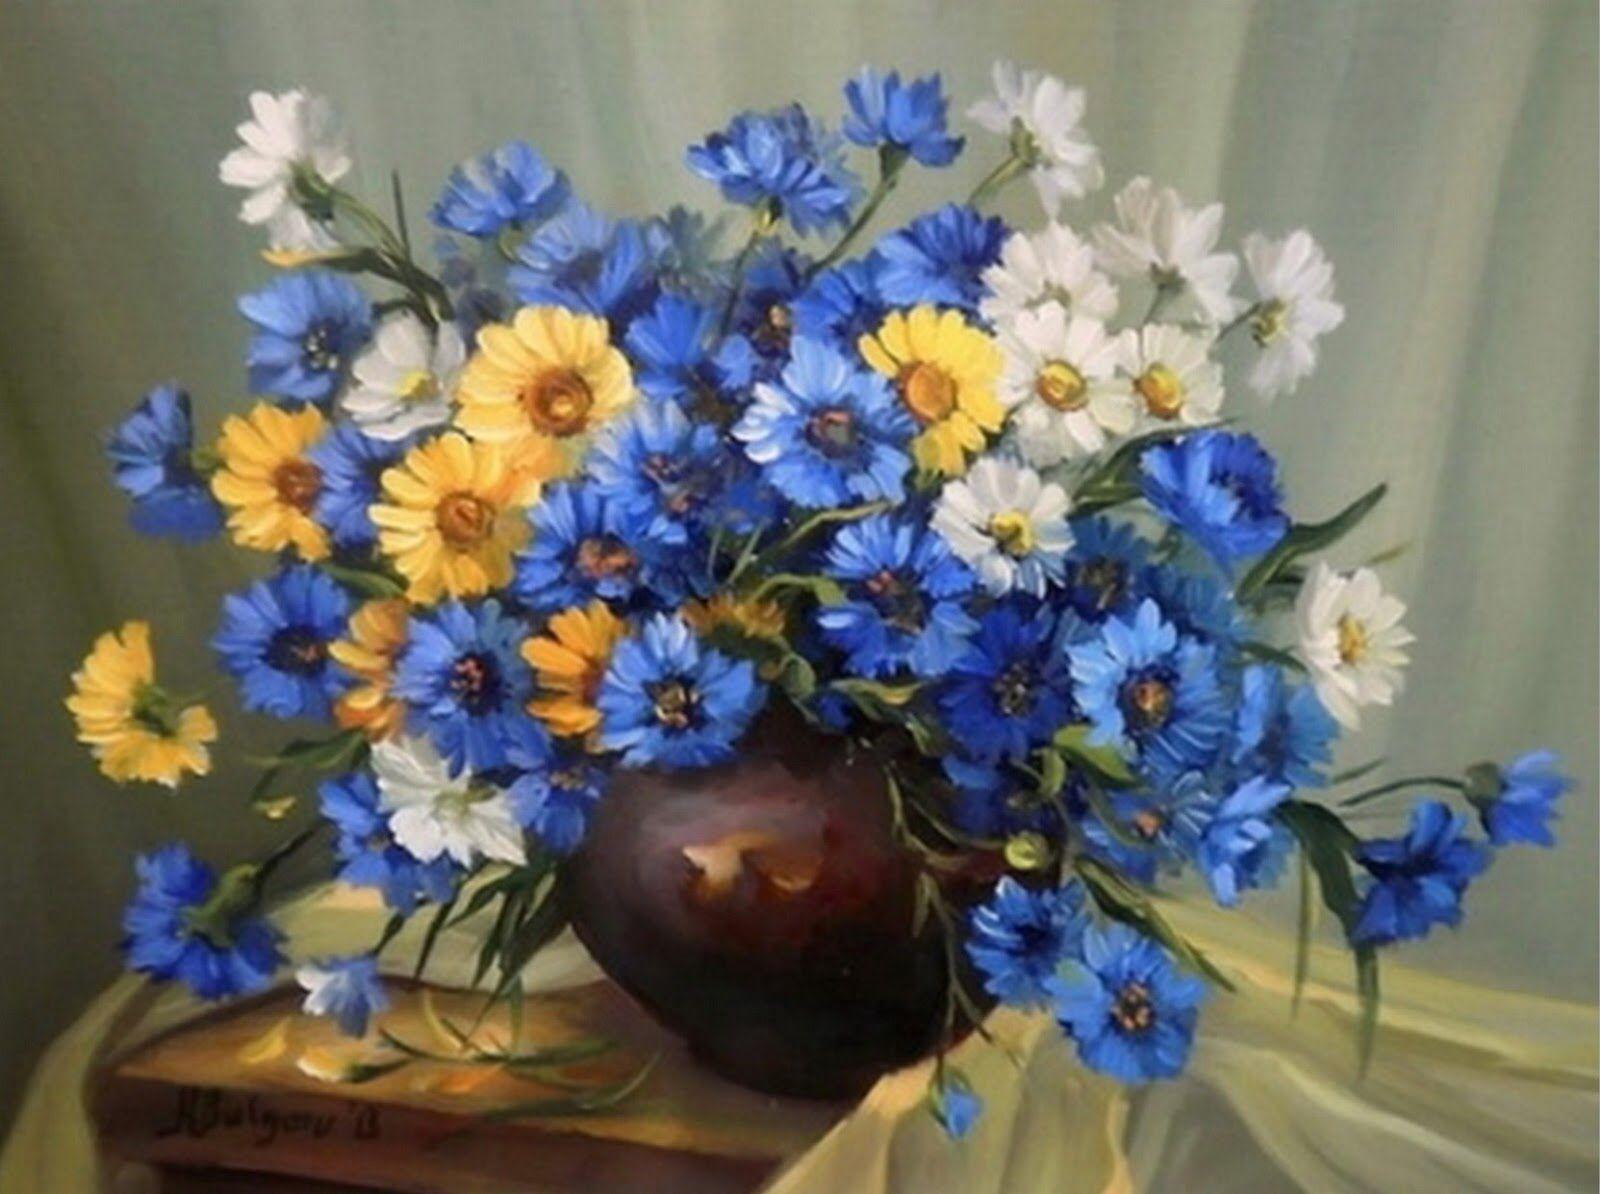 Imagen de http://3.bp.blogspot.com/-Hi8d_KiXbM4/Ua4iGf9drMI/AAAAAAAAZYk/Hm-8molxQck/s1600/bodegones-galeria-pintura-al-oleo+(5).jpg.